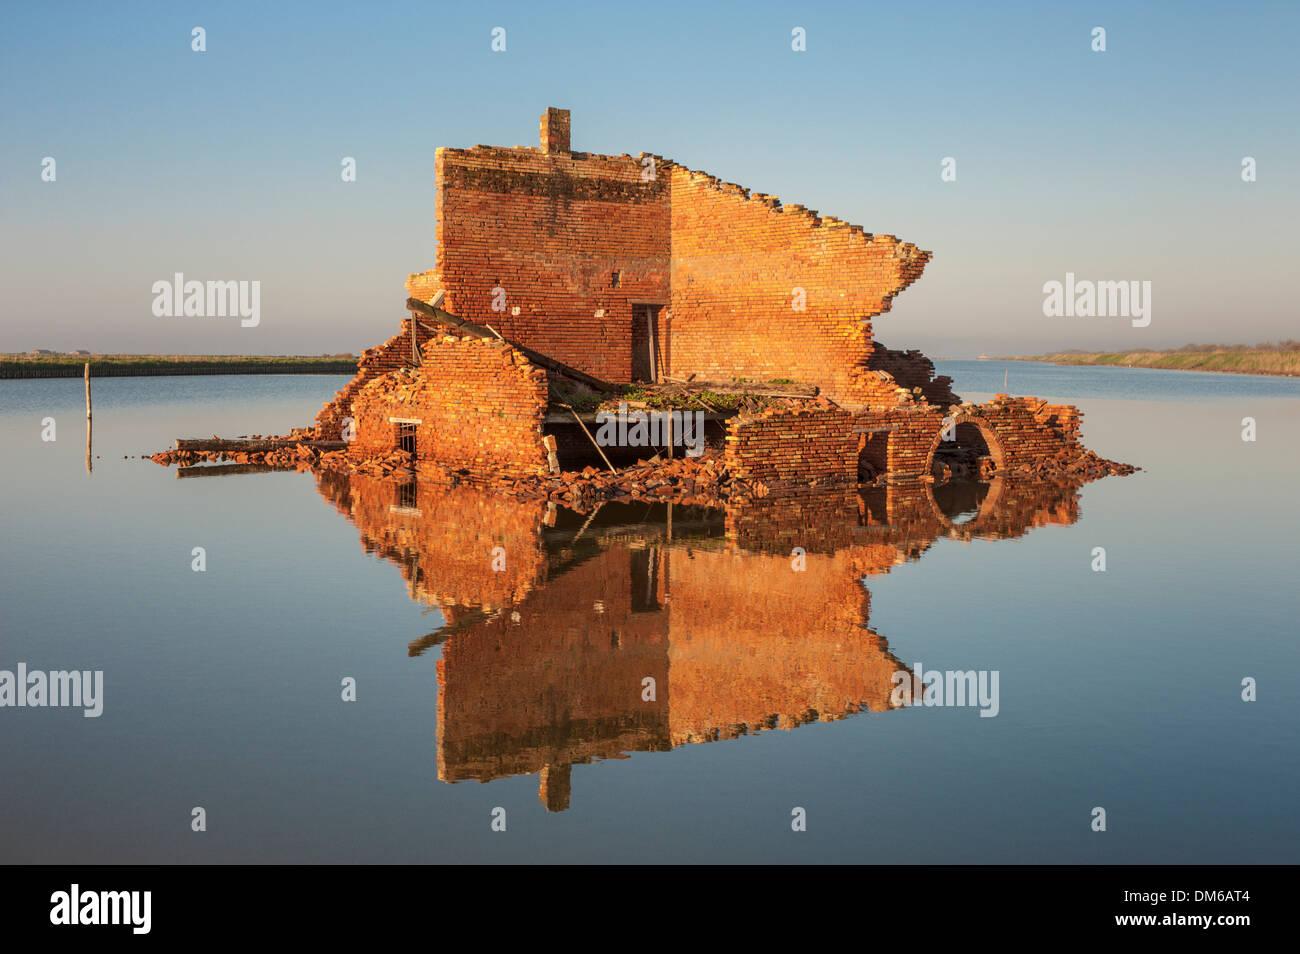 Resti fuori da un edificio in mattoni rossi in una laguna, con riflessioni, Delta del Po, Comacchio, Emilia Romagna, Italia Immagini Stock